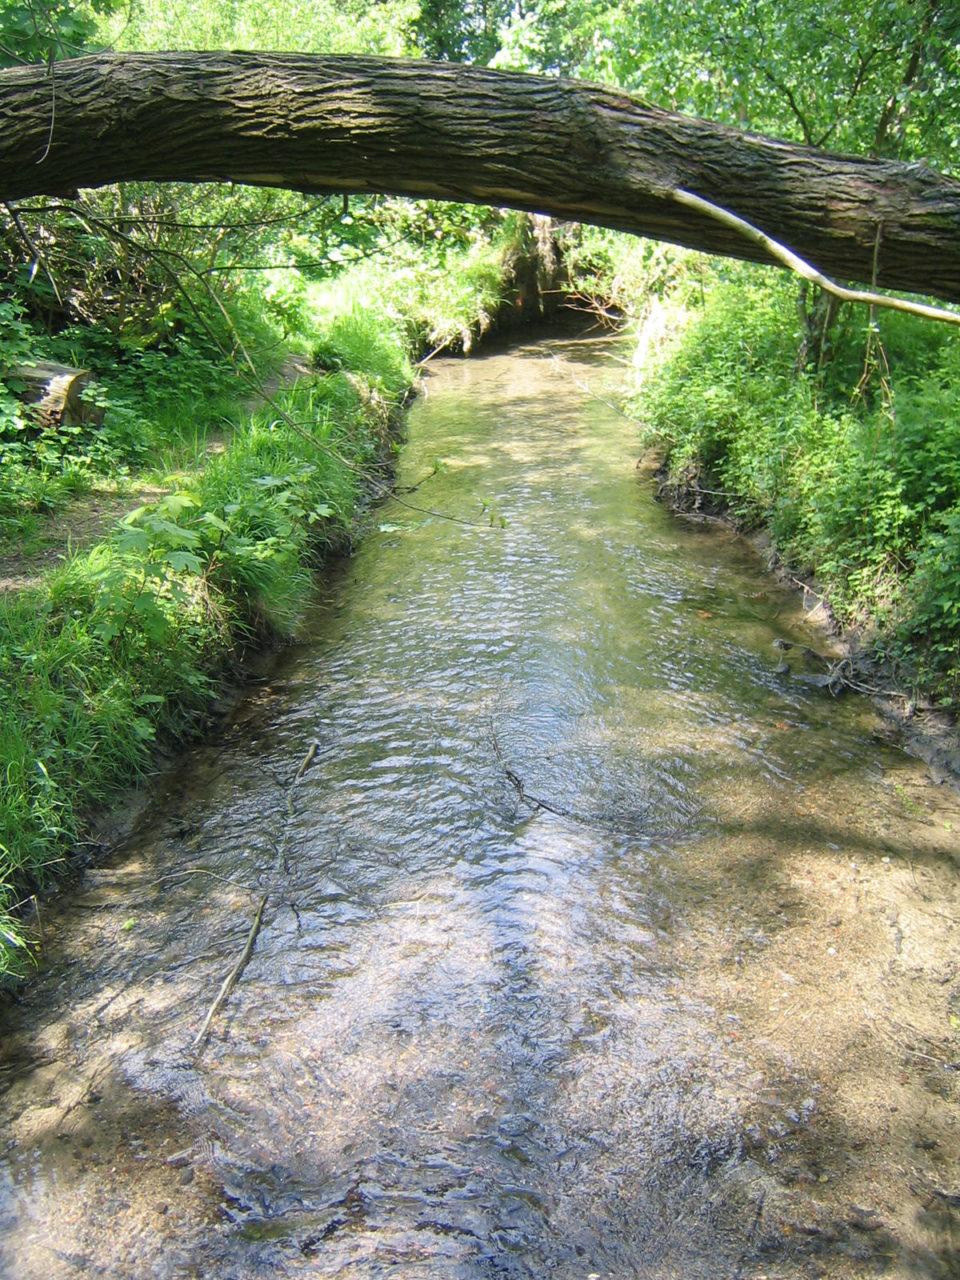 Reduzierter Durchfluss - Kiesbett sichtbar 2005